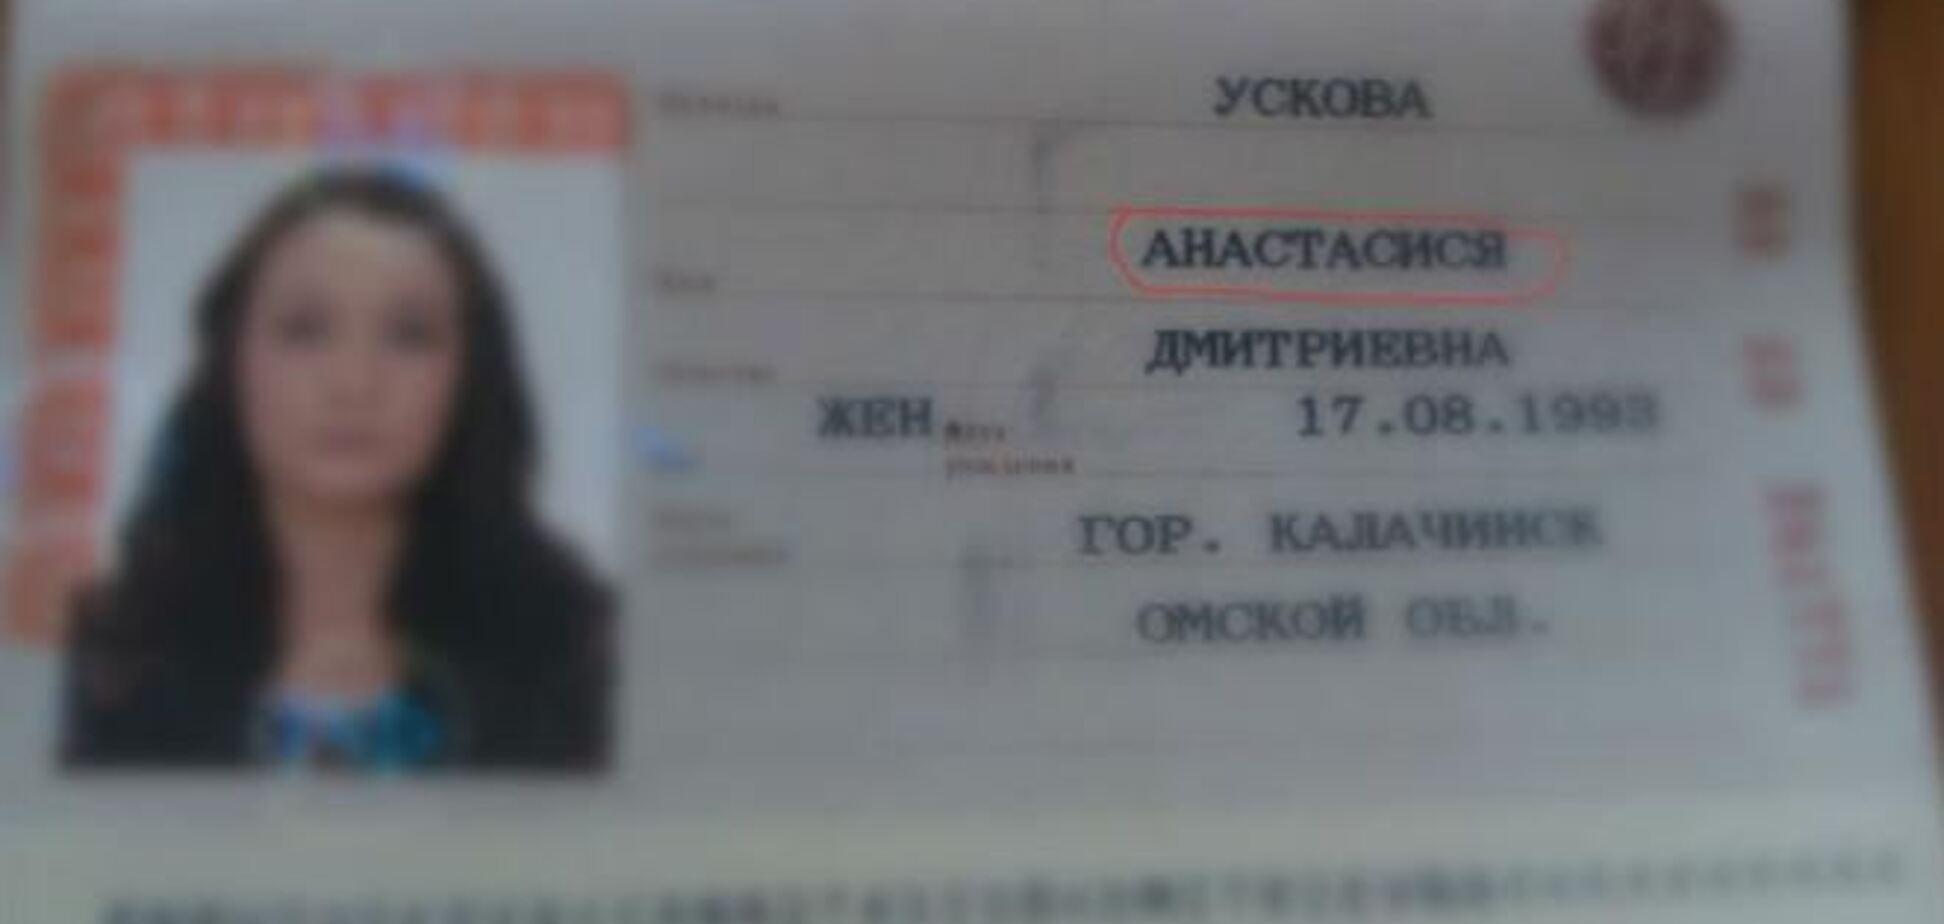 У Росії дівчині видали паспорт на ім'я Анастас